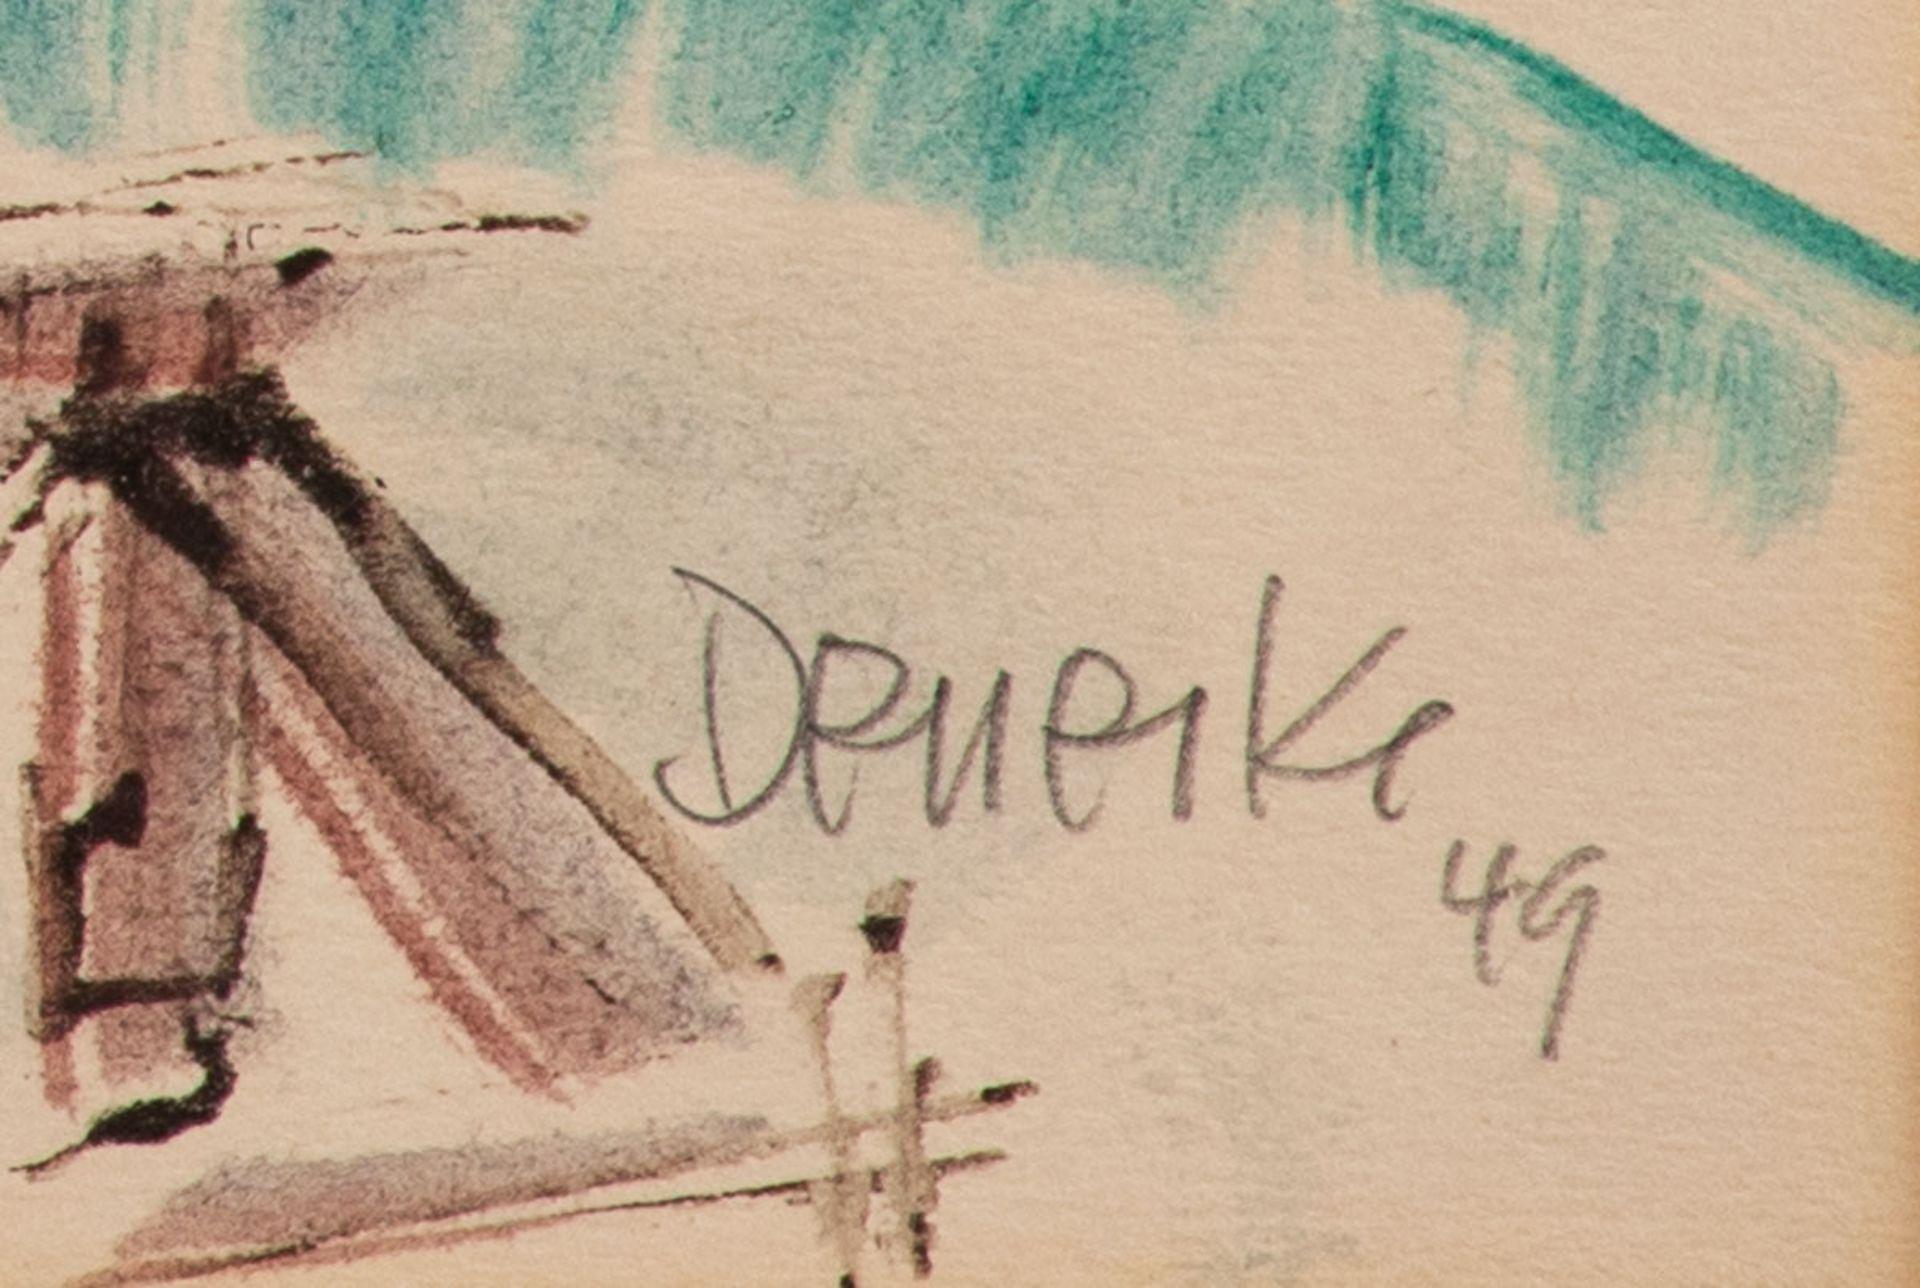 Walter Denecke – Bootswerft. Zingst a. d. Darß. 1949. - Image 2 of 2